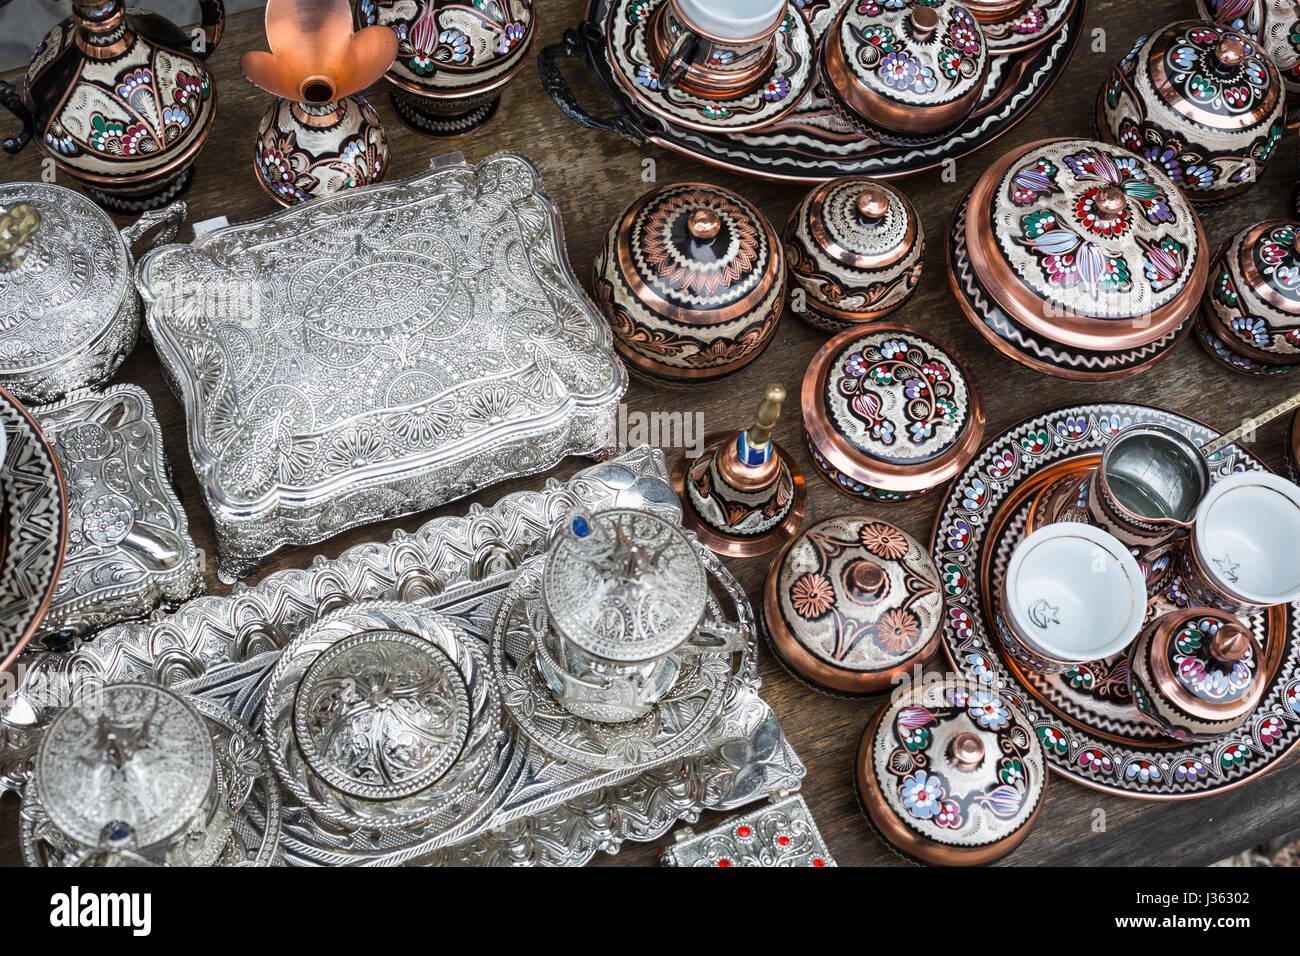 Des cafetières en cuivre artisanal traditionnel dans les magasins de souvenirs à Sarajevo. La Bosnie-et-Herzégovine. Banque D'Images